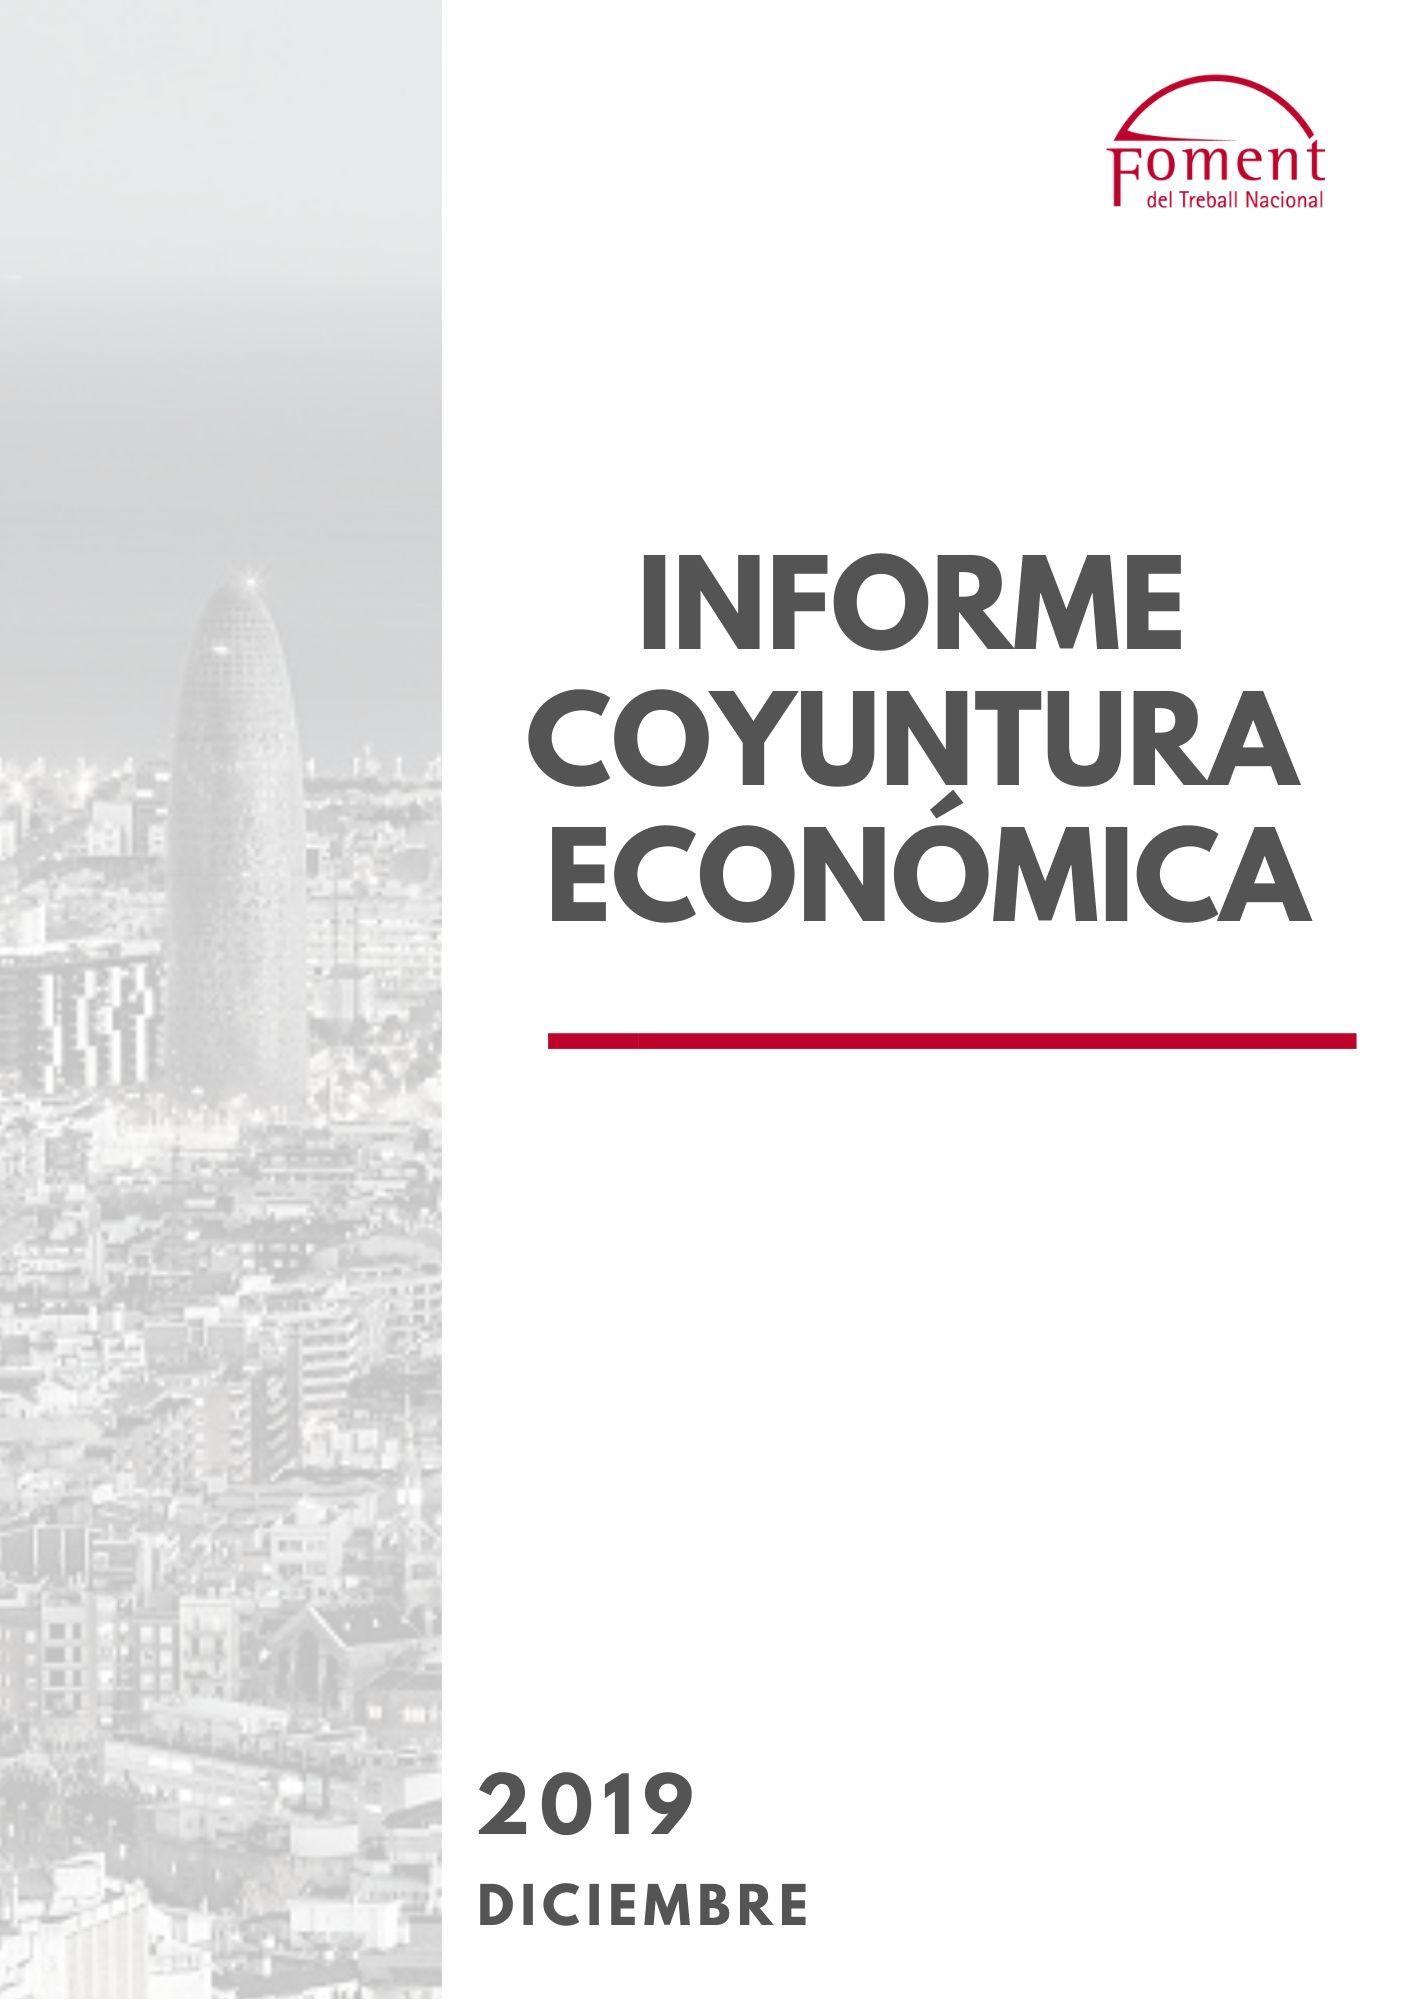 Informe Coyuntura Económica- Diciembre 2019